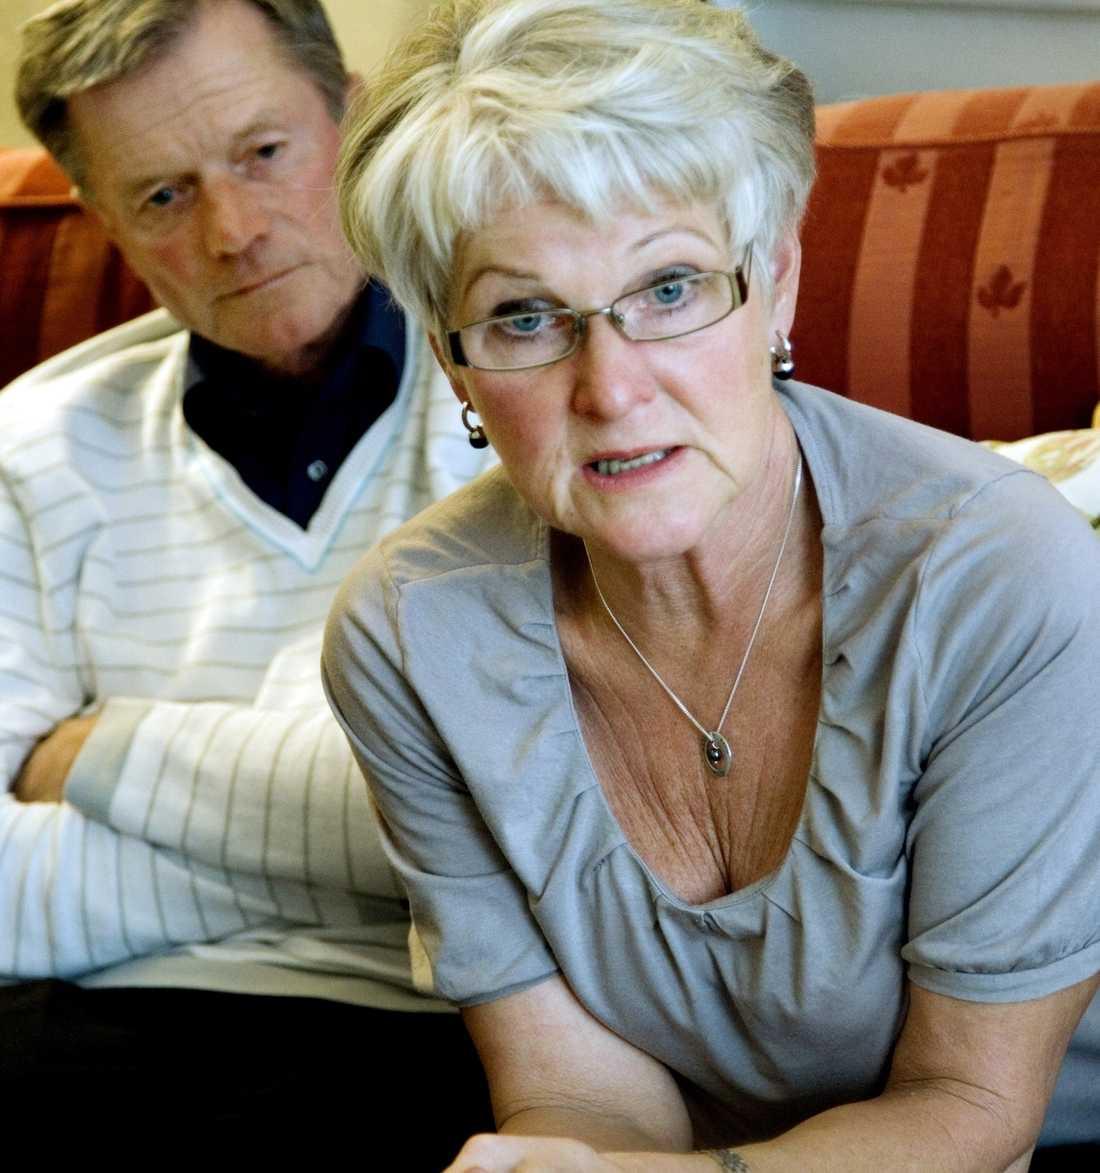 Om en vecka är det dags för Rosa bandets stora gala i Globen i Stockholm. Gunvor Äng och hennes man Lennart är några av galans hedersgäster.